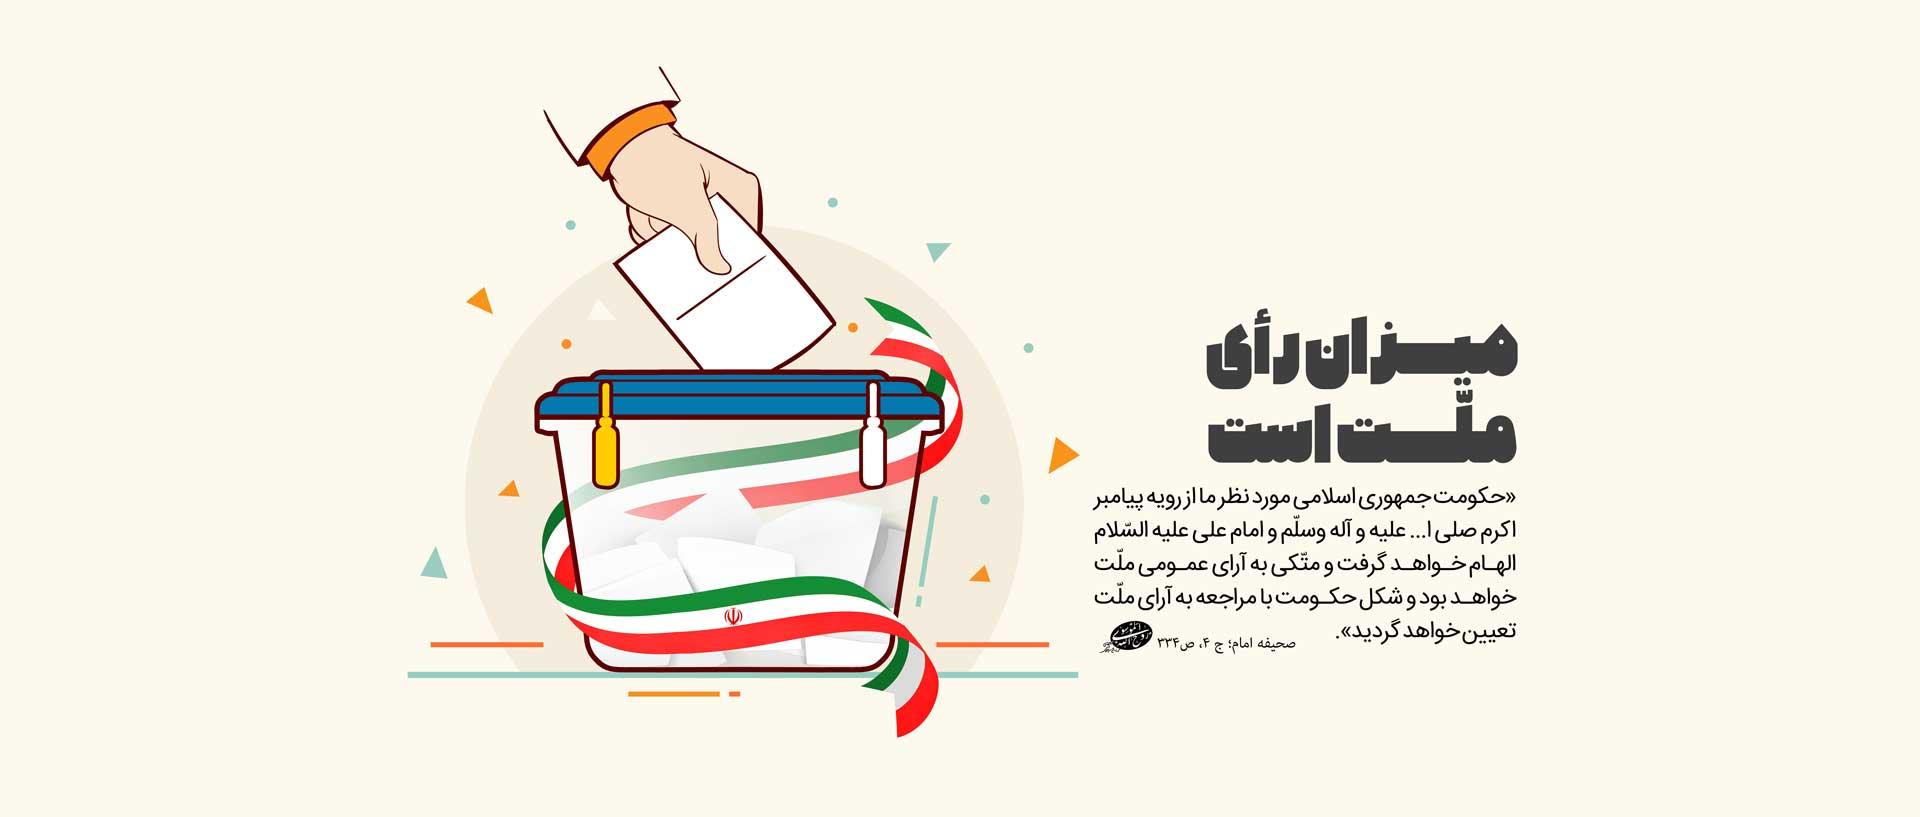 ثبت نام انتخابات شورای شهر و روستا